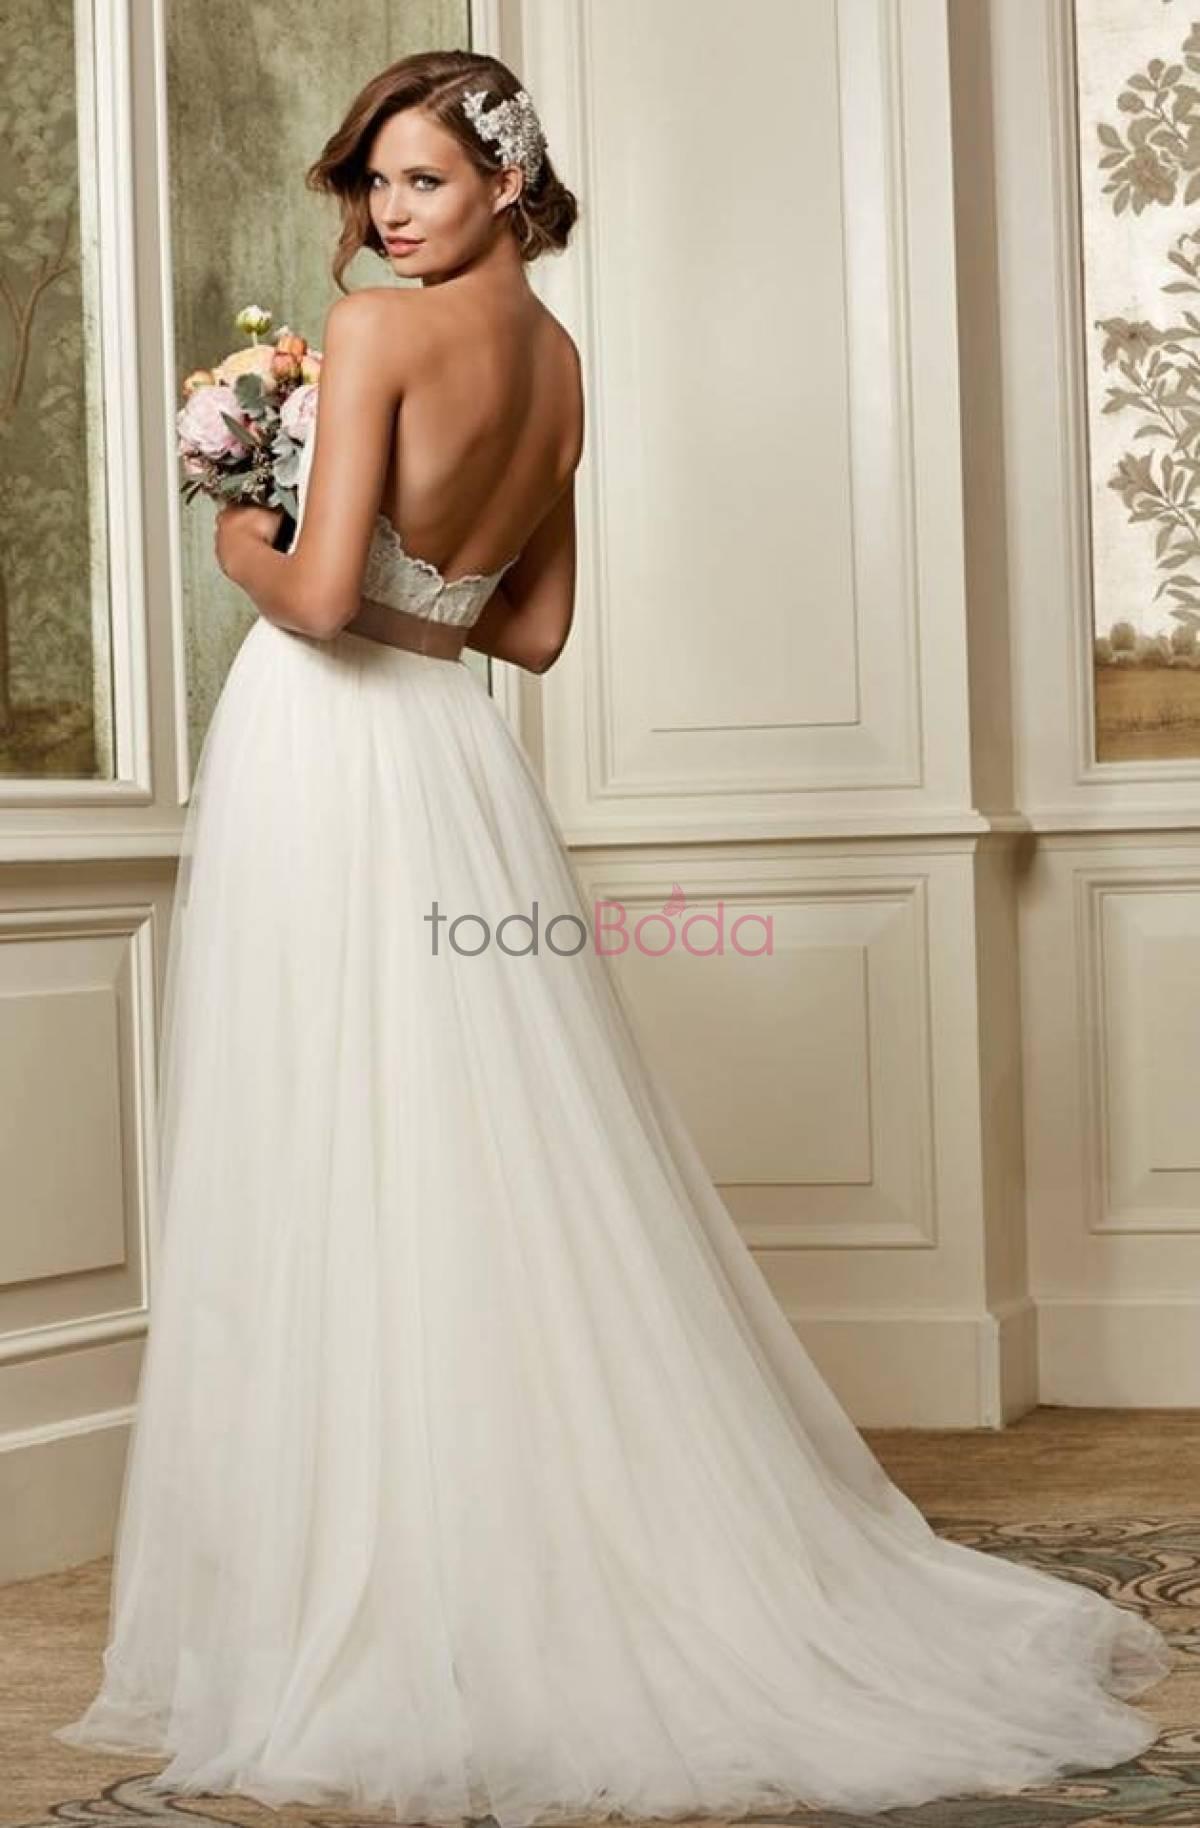 26d5845567 Me Pido Este Vestido. Vestidos de Novia Madrid. Colecciones 6